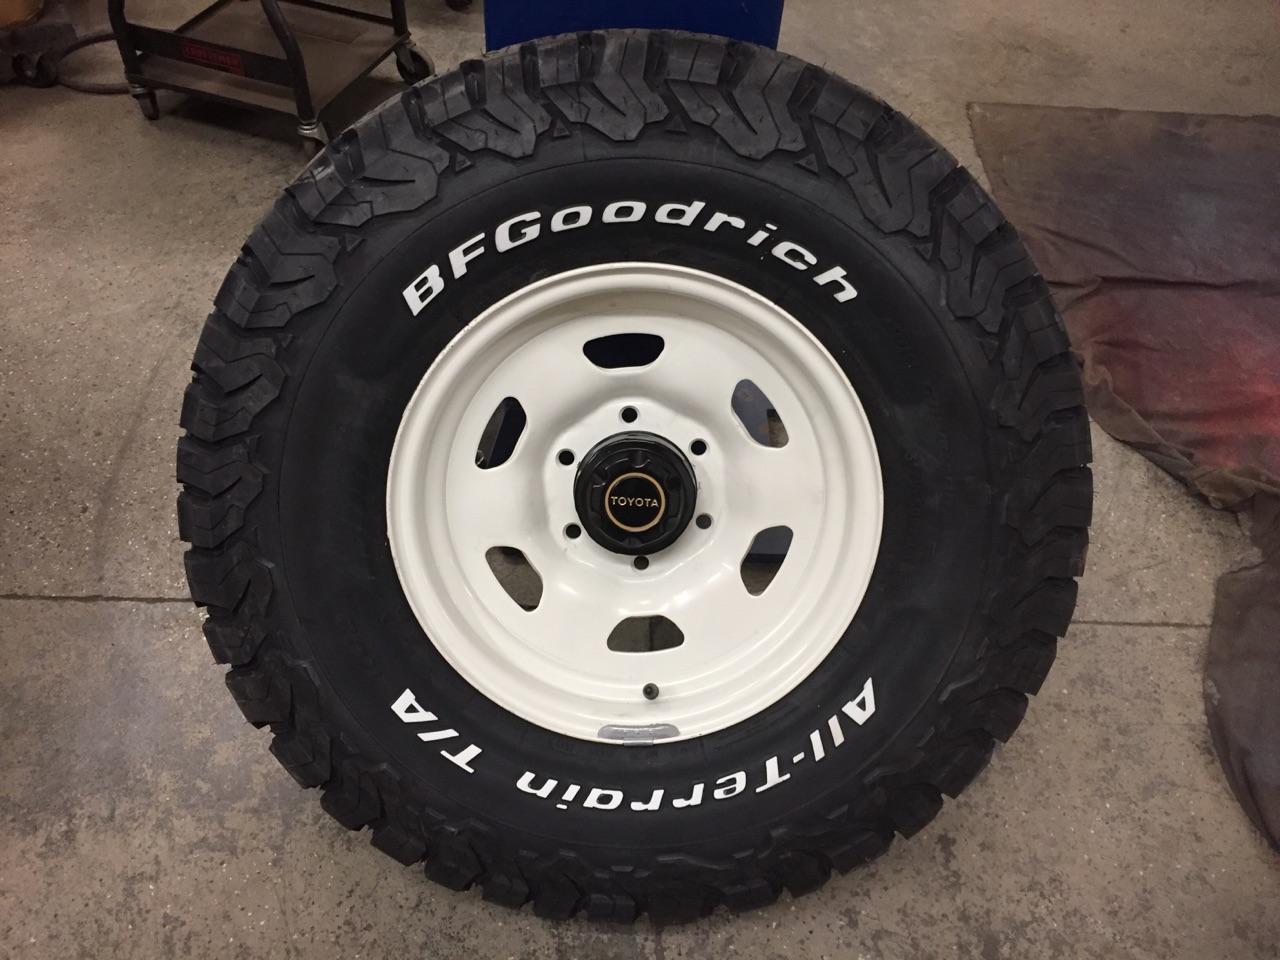 fj40 white wheel.jpg